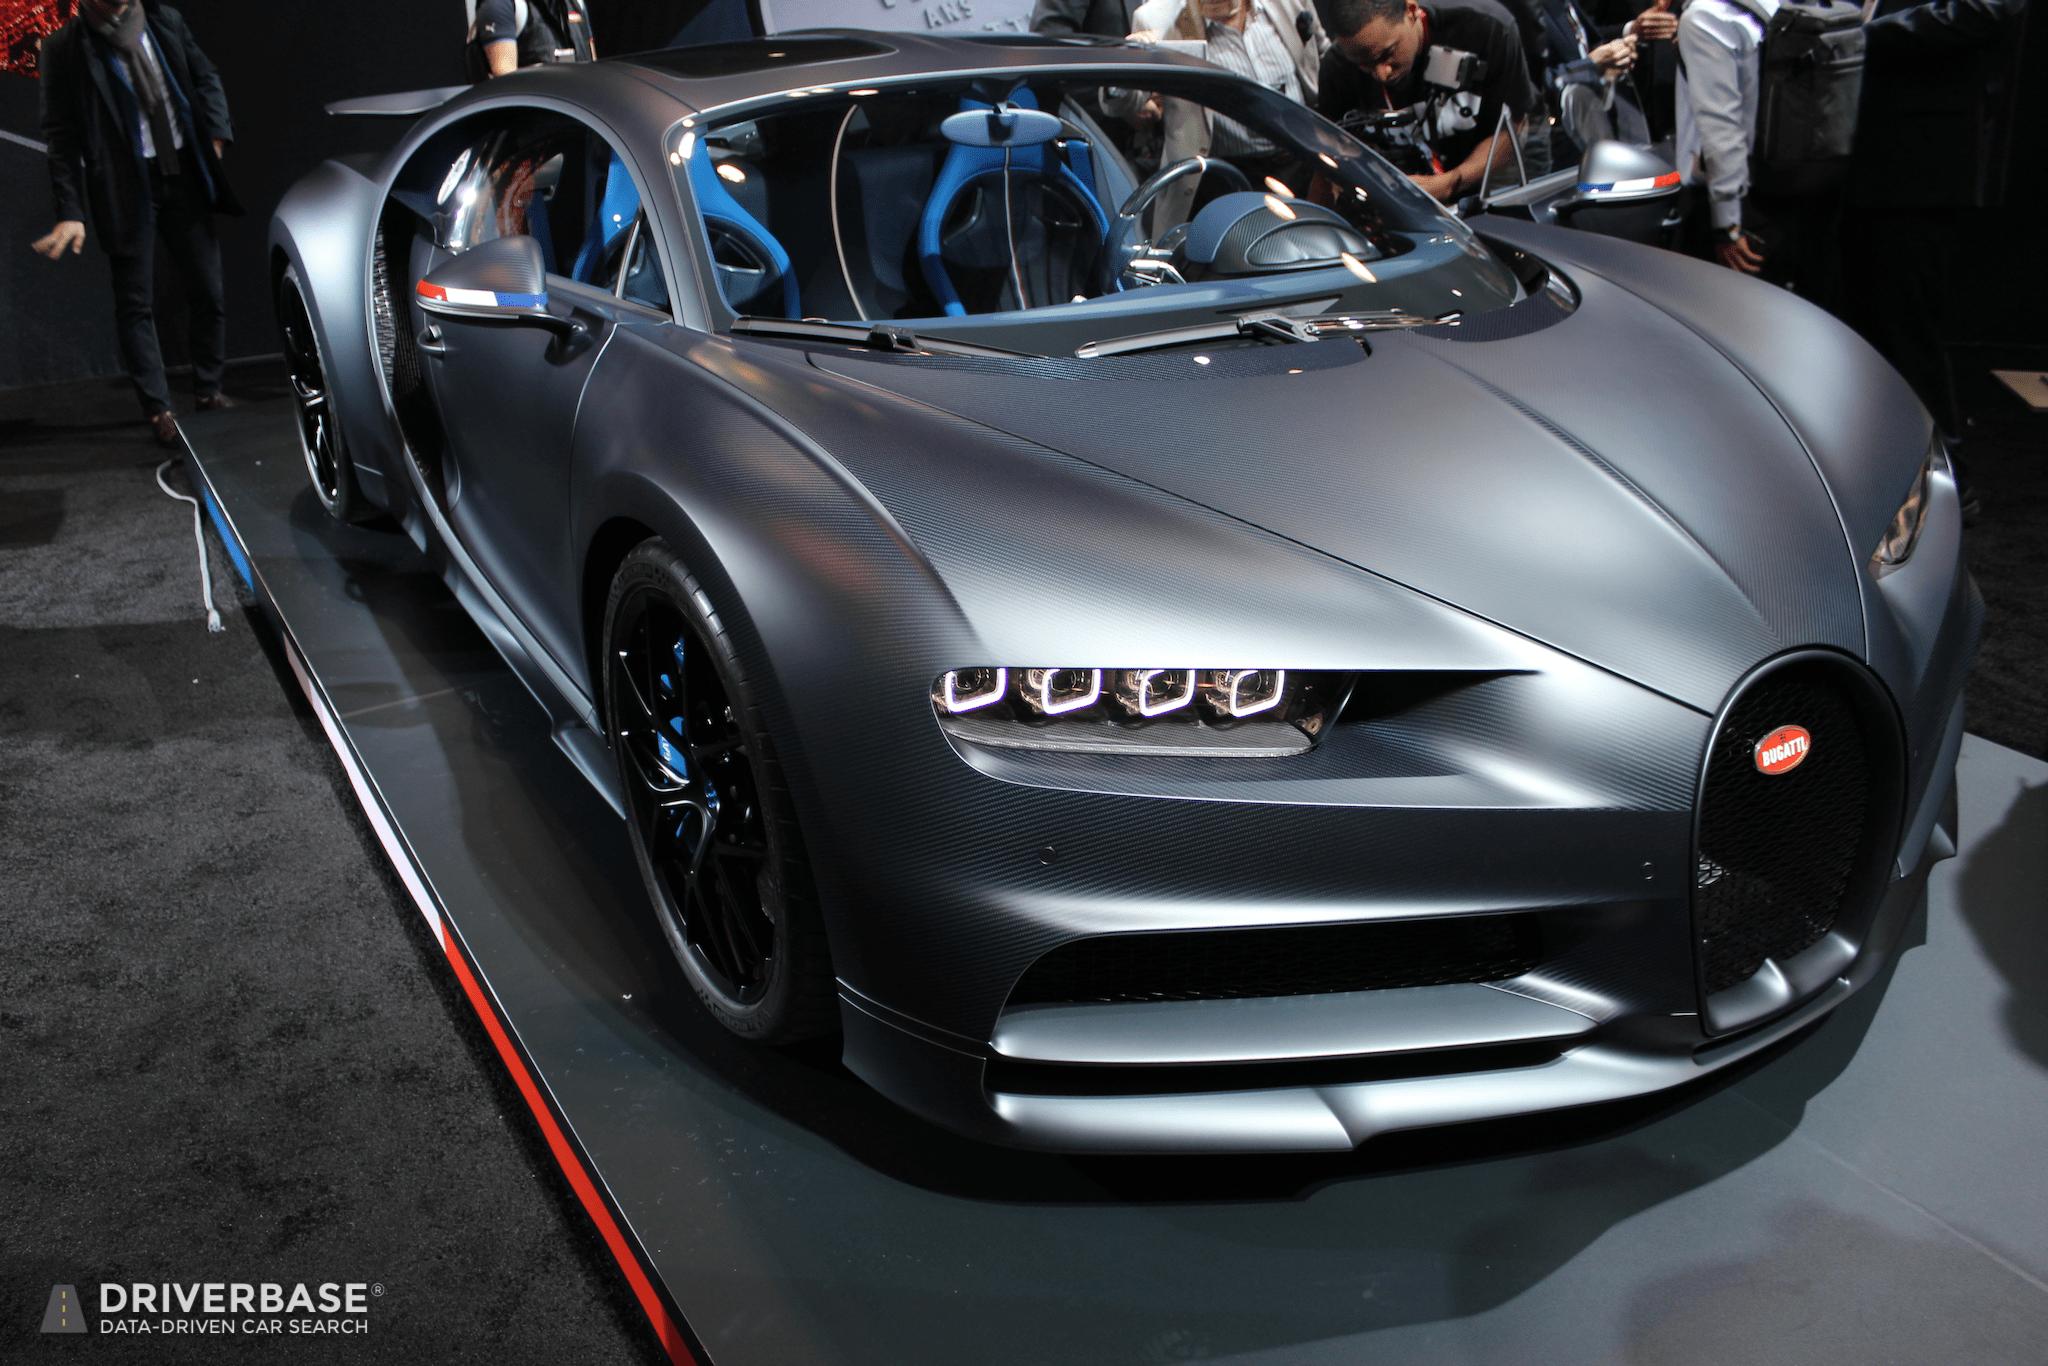 2020 Bugatti Chiron Sport 110 ans Bugatti at the 2019 New York Auto Show - Driverbase